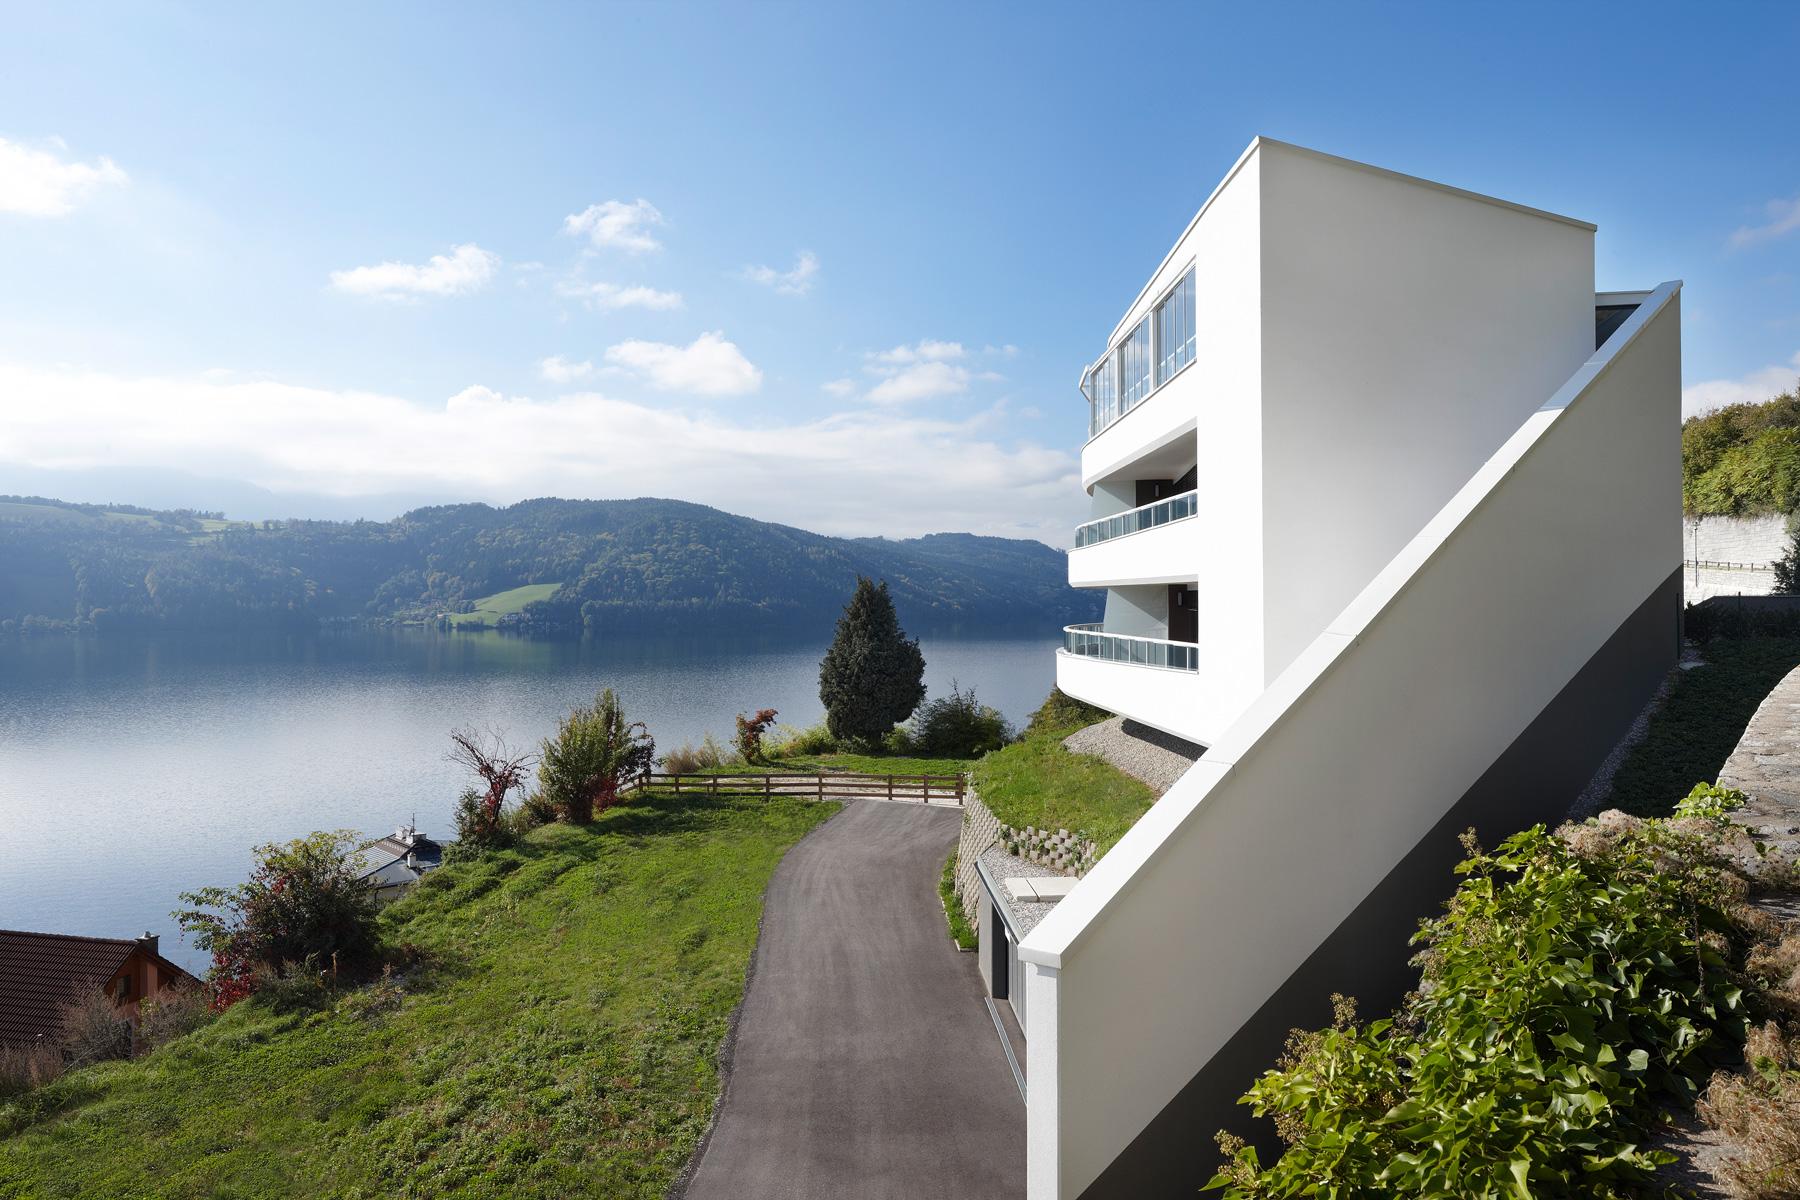 A01 architects - Sonnenvillen_(c)Philipp Kreidl_DS_0534_e - web03